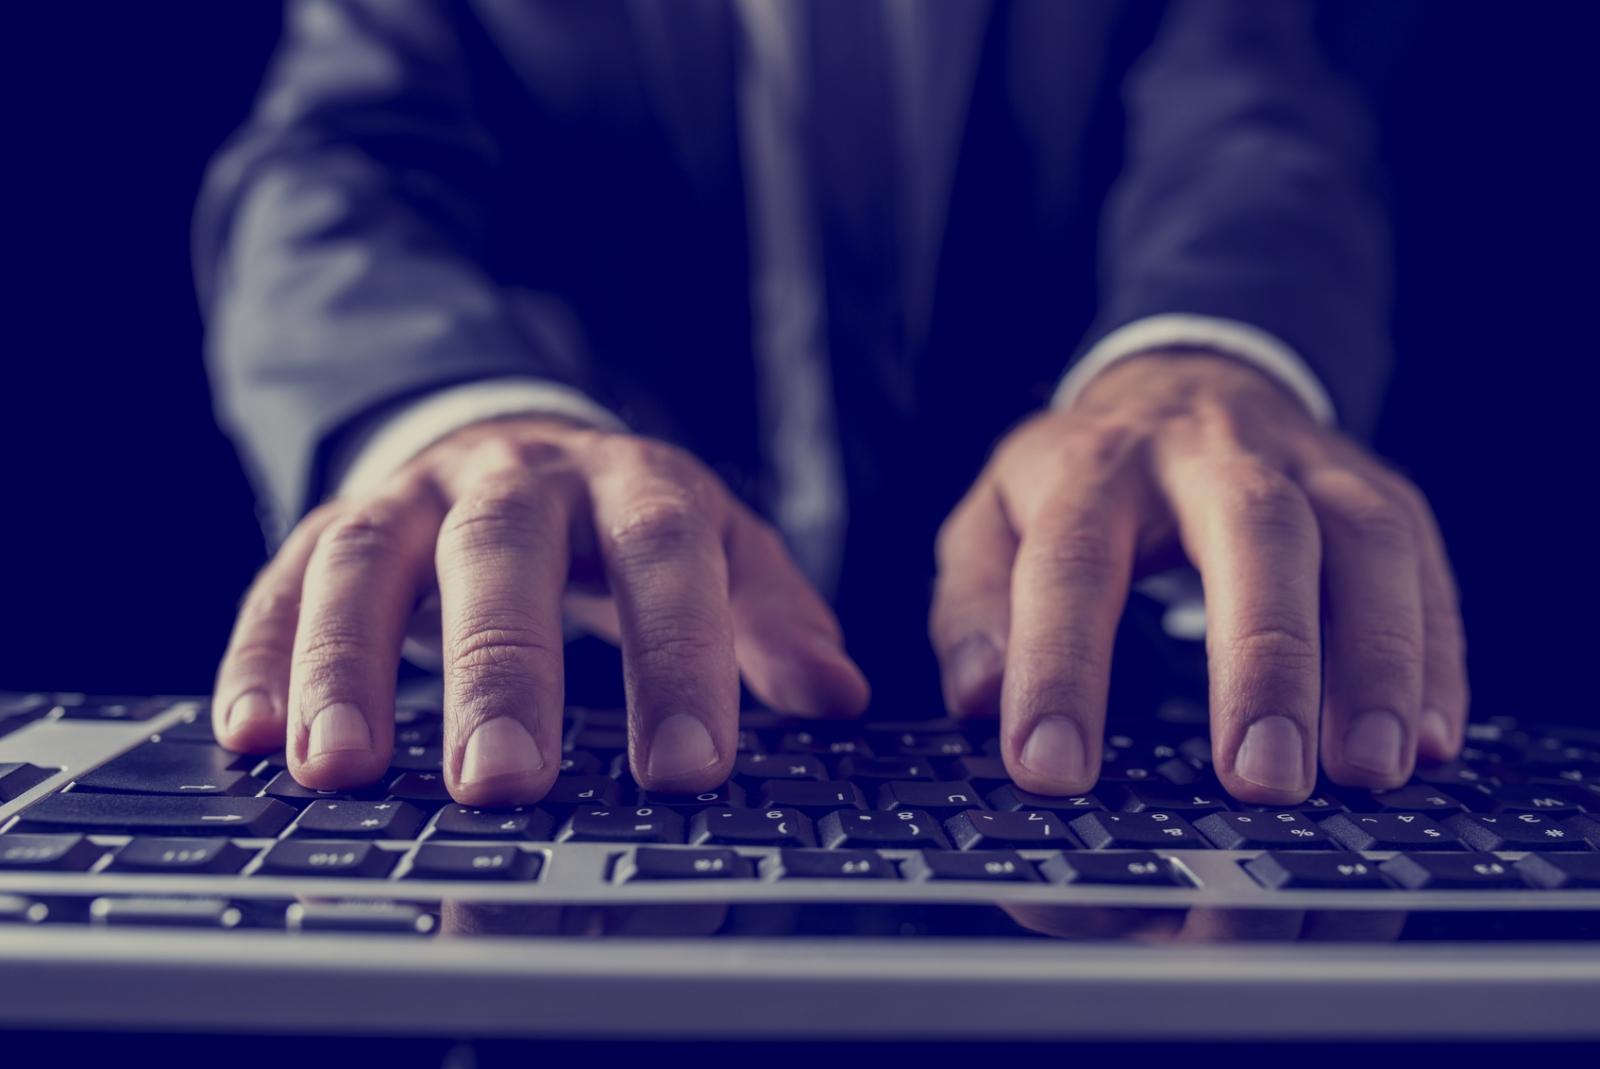 US voter database leak exposed